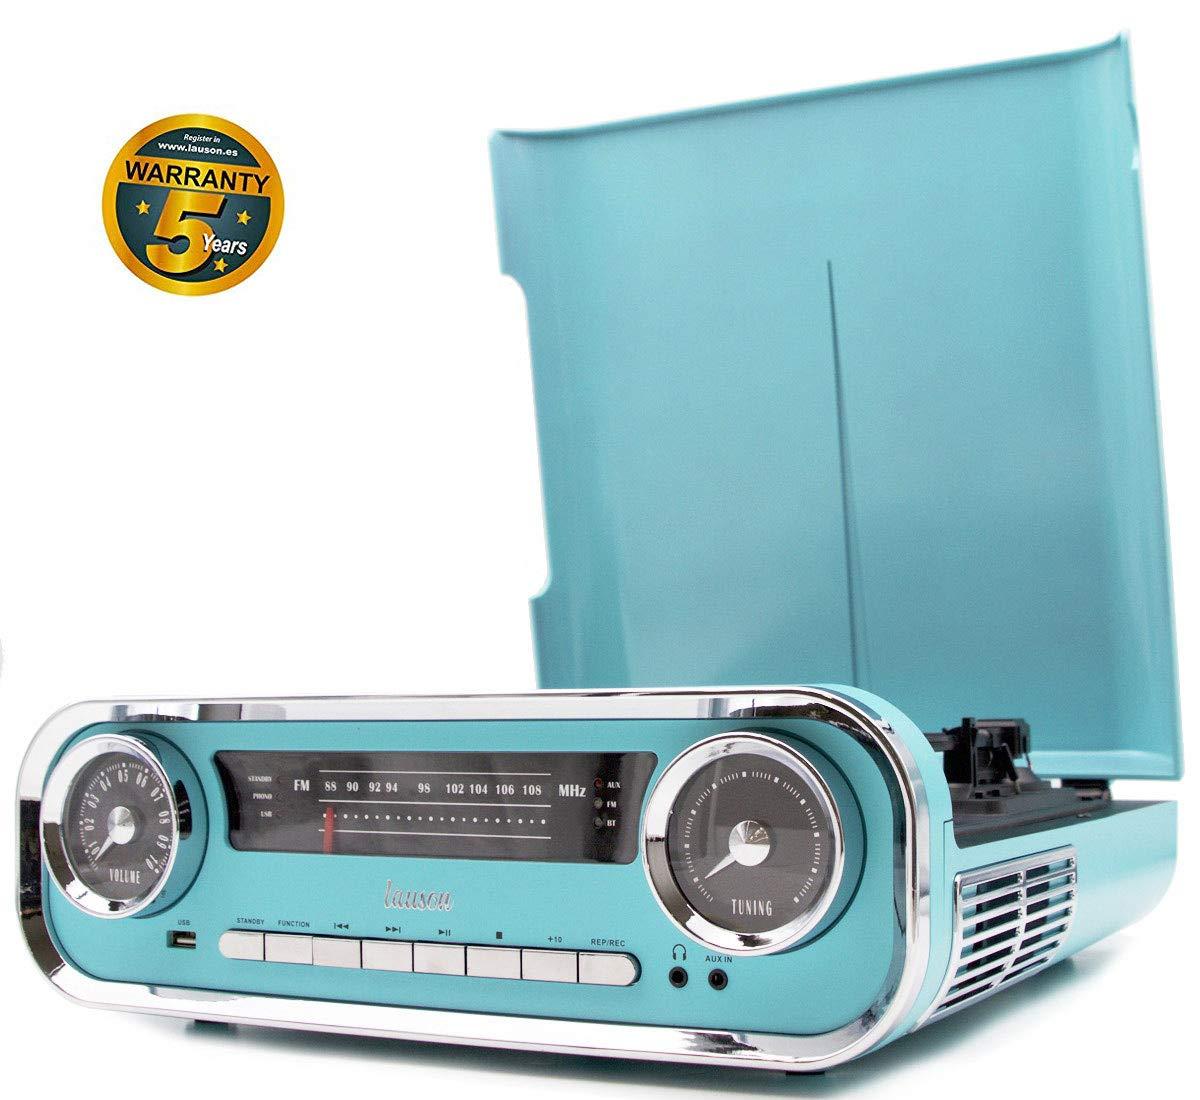 Lauson 01TT18 Tocadiscos Diseño Vintage Coche de Colección con 2 Altavoces Estéreo Integrado de 3 W | Tocadisco Vinilo con Radio FM, Función ...